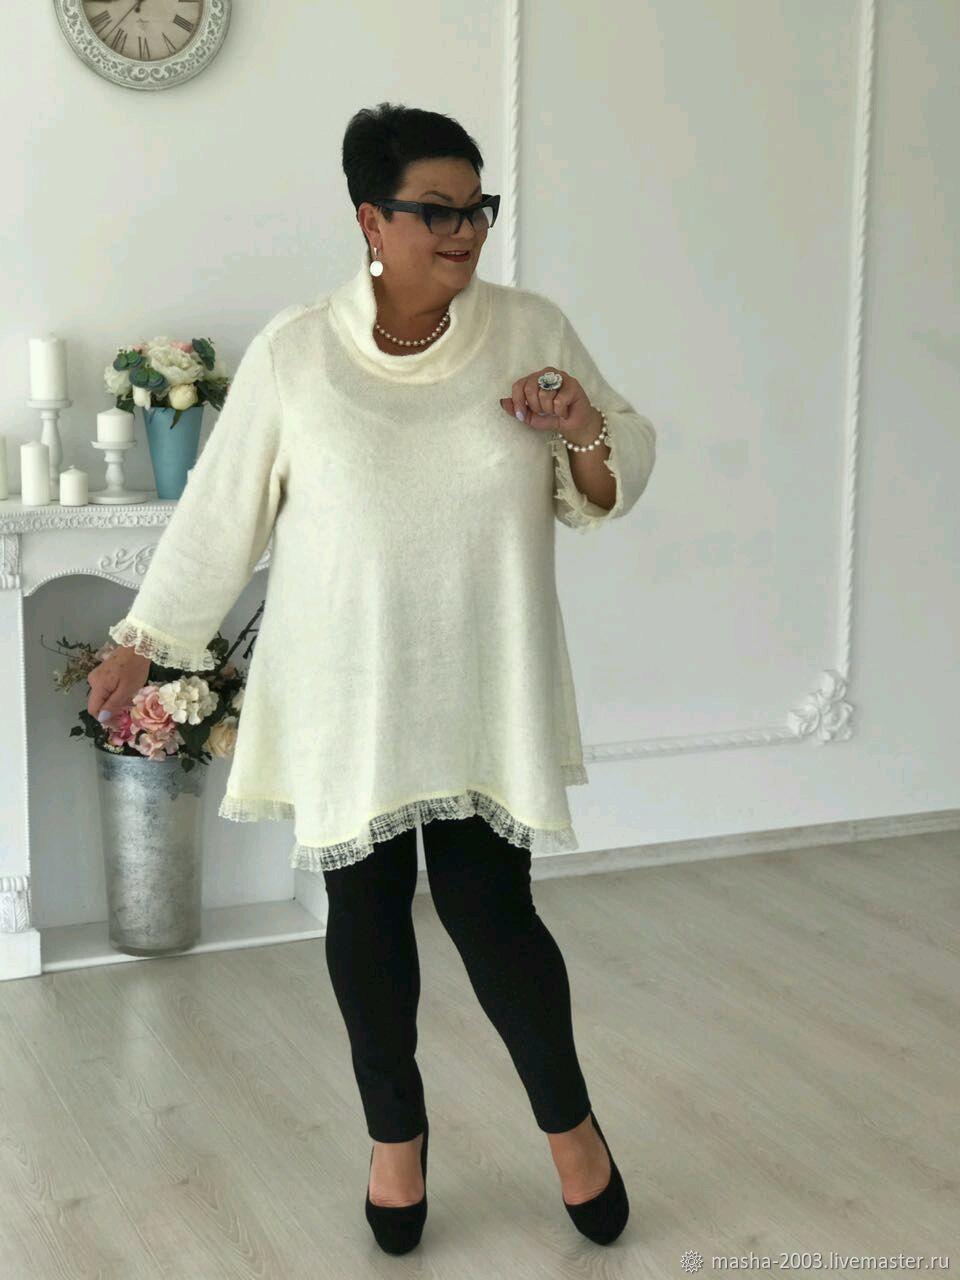 d8bf6bf4651fa64 Купить Свитер - свитер, большие размеры, свитер женский, большой размер,  одежда больших размеров